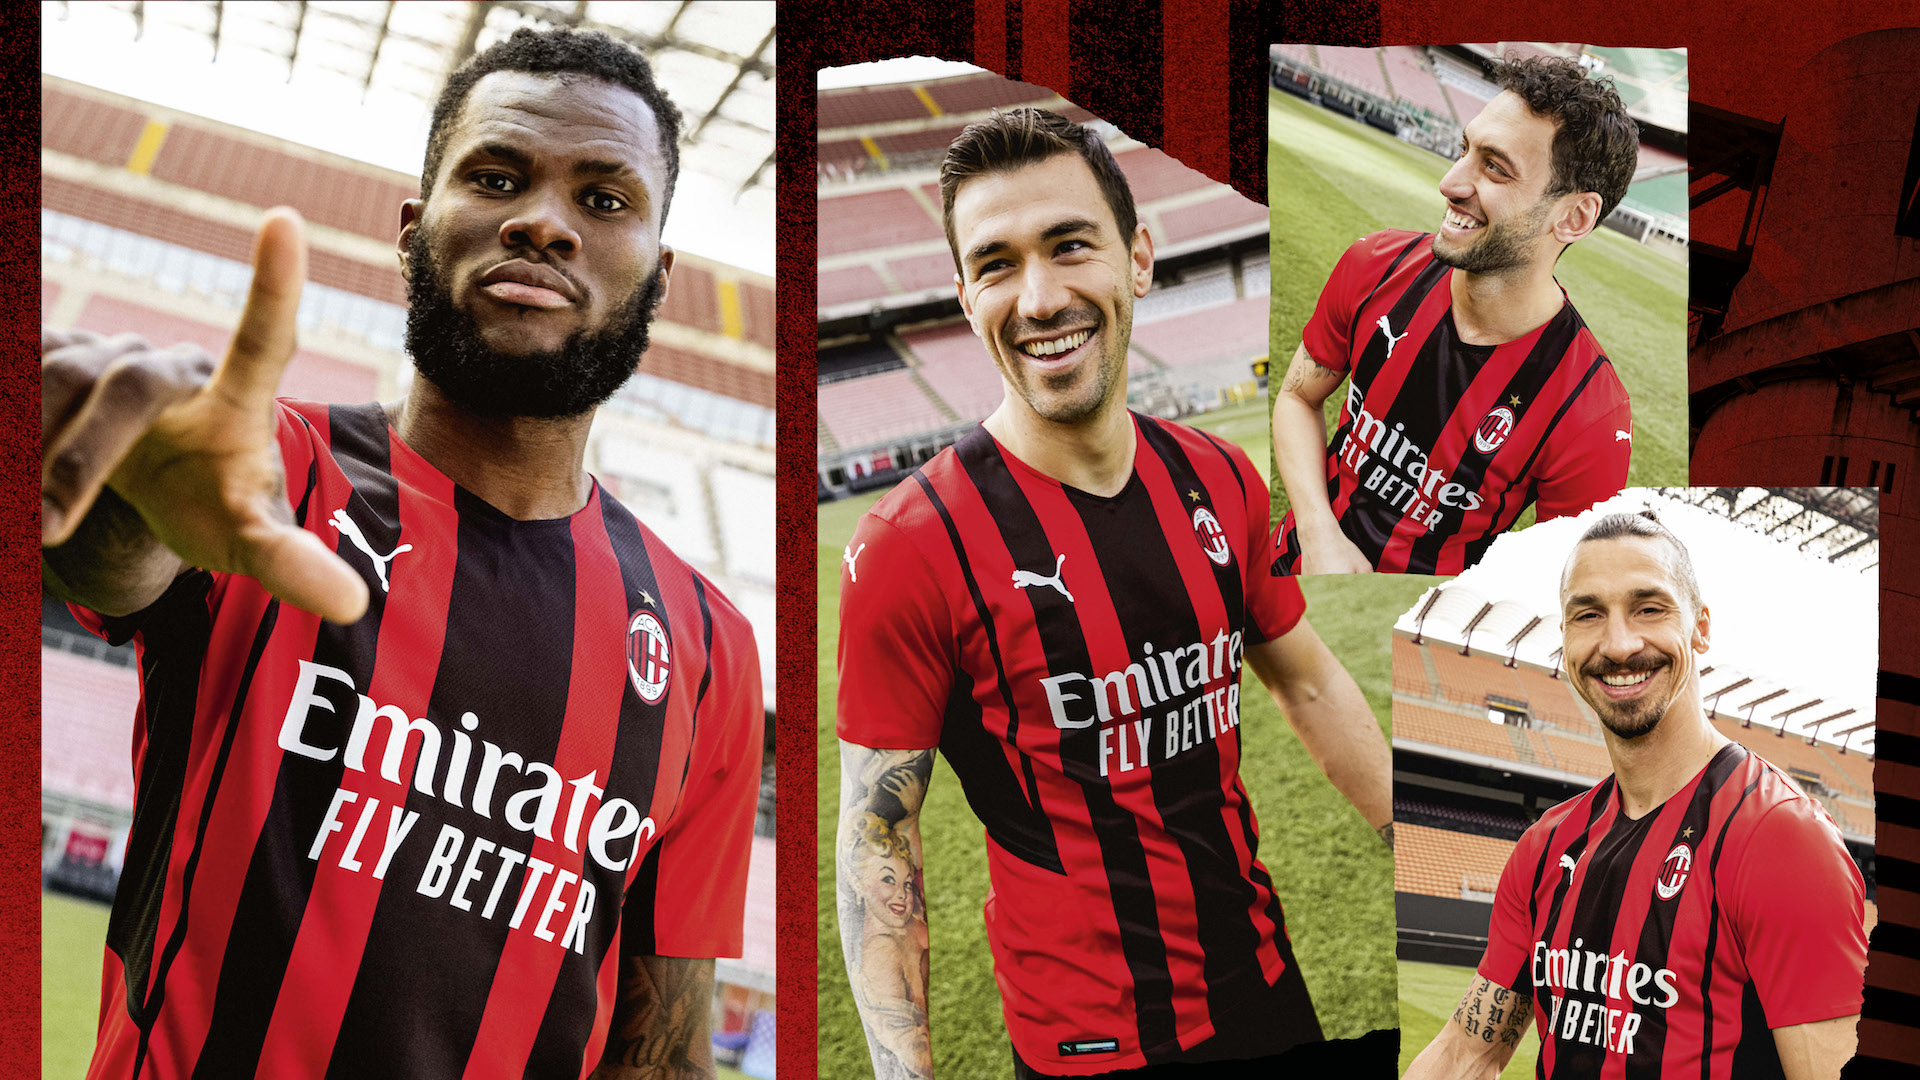 Ufficiale la nuova maglia del Milan per il 2021/22: cambia il ...